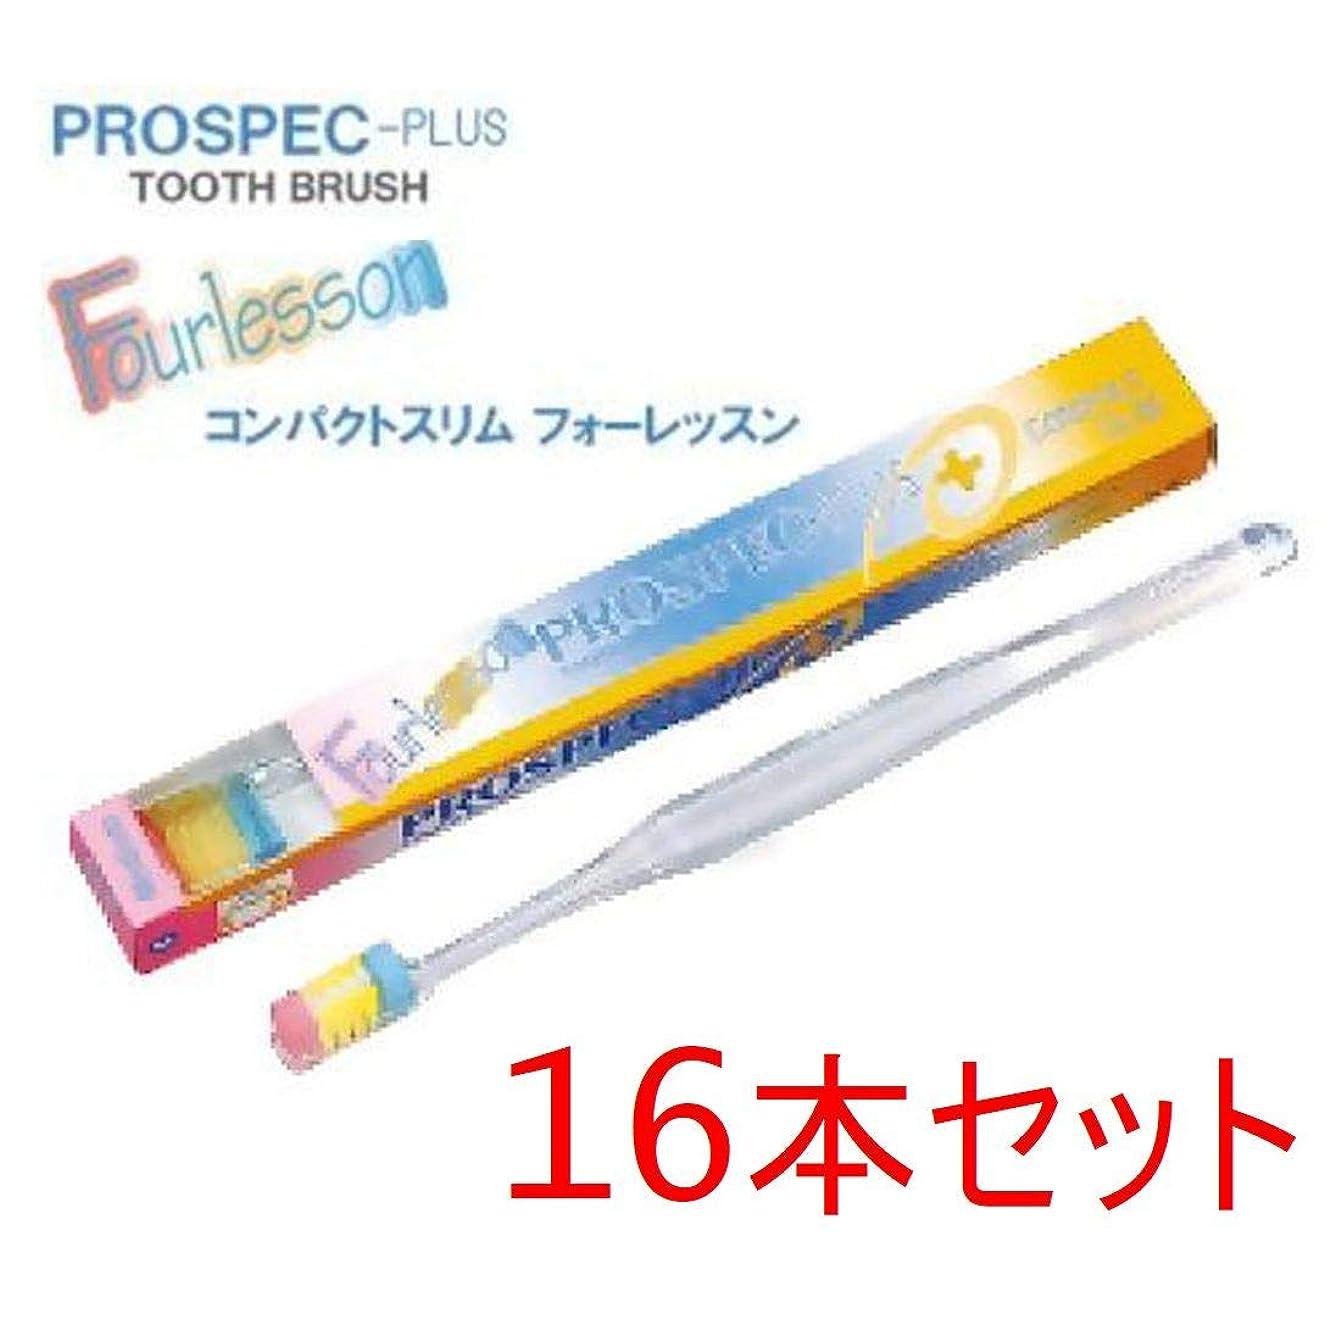 強風架空の飲み込むプロスペック 歯ブラシ コンパクトスリム 16本 フォーレッスン 毛の硬さ ふつう